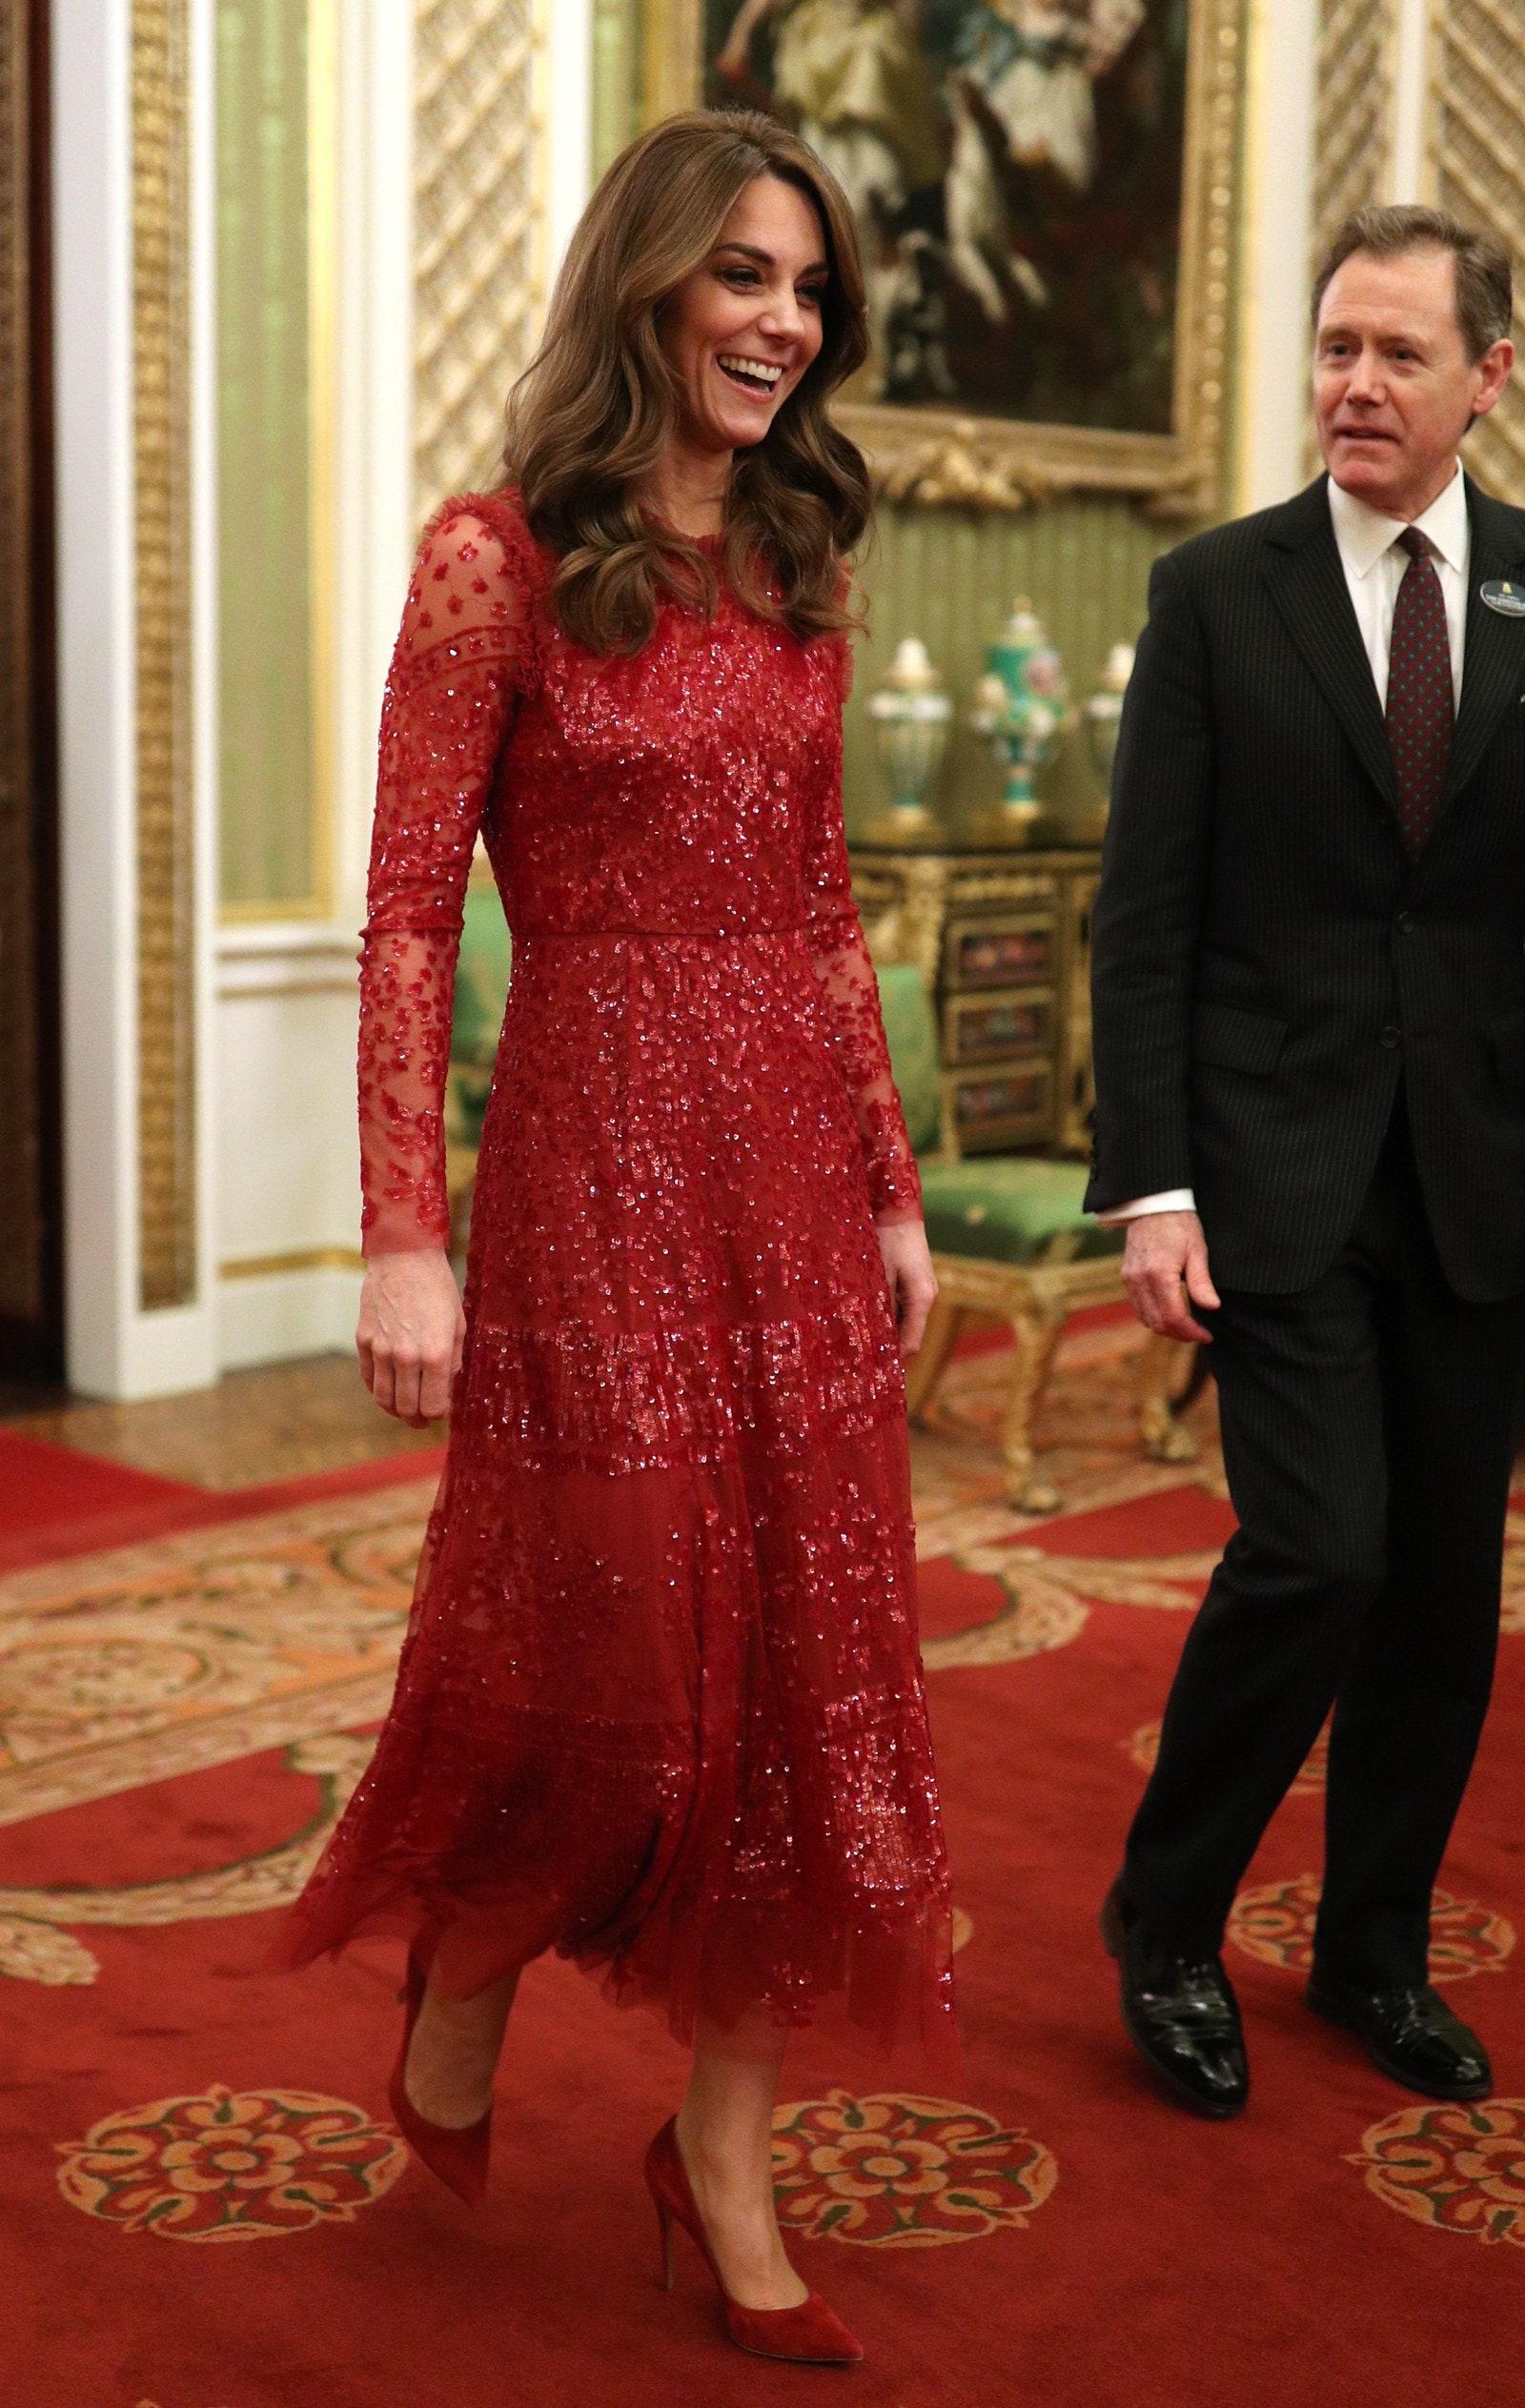 Biểu tượng thời trang 2010s Kate Middleton diện trang phục dạ hội ấn tượng với đầm midi đỏ kết cườm sang trọng